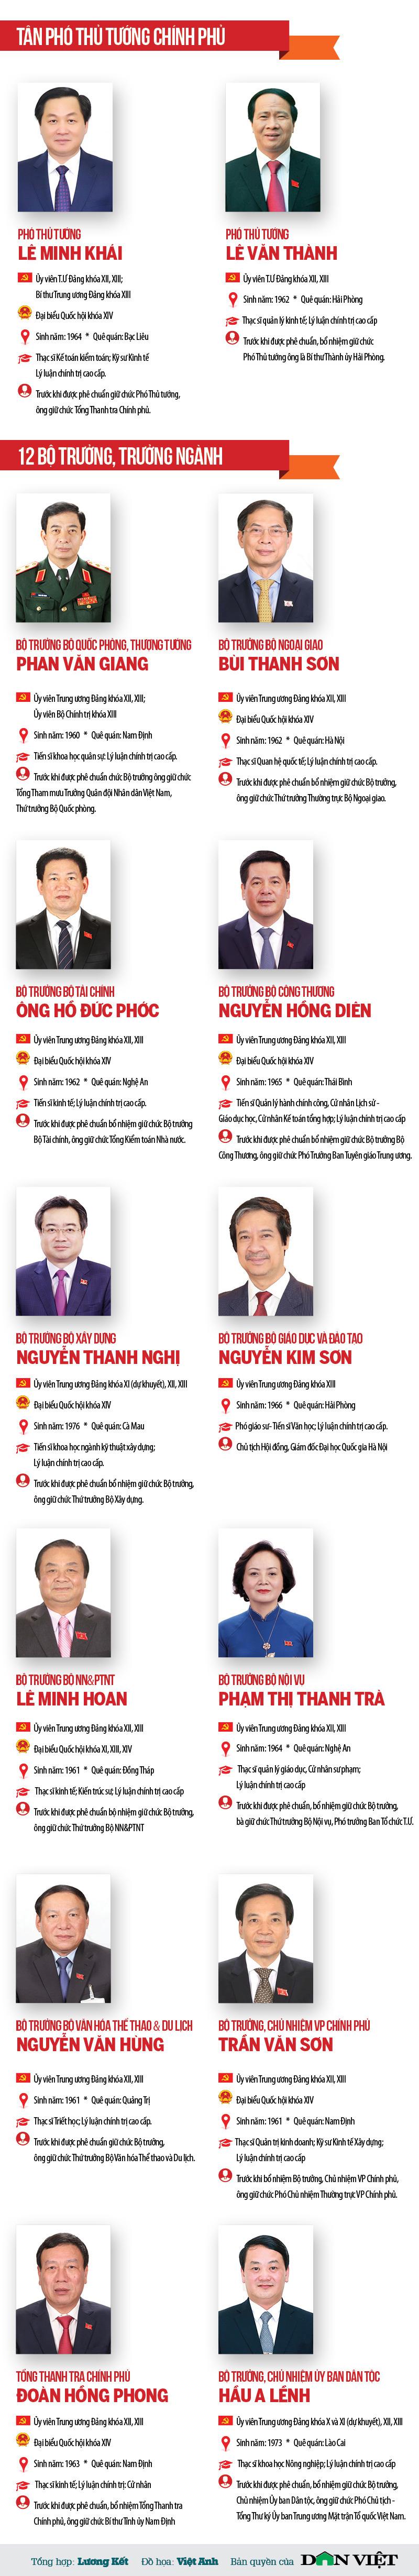 Chân dung 2 Phó Thủ tướng và 12 Bộ trưởng, Trưởng ngành vừa được Quốc hội phê chuẩn bổ nhiệm - 1